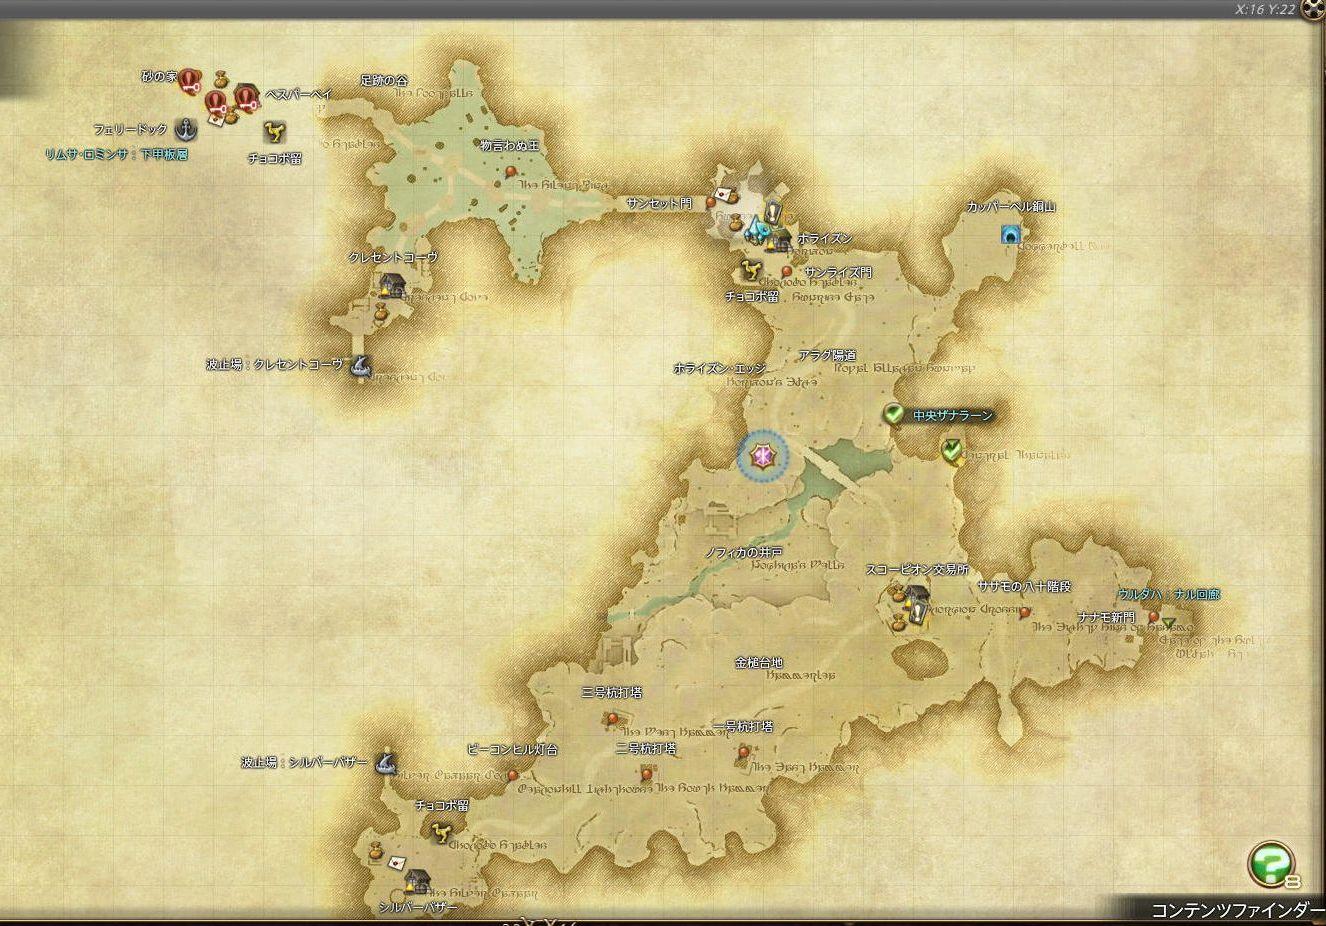 リムサ船は出ず地図